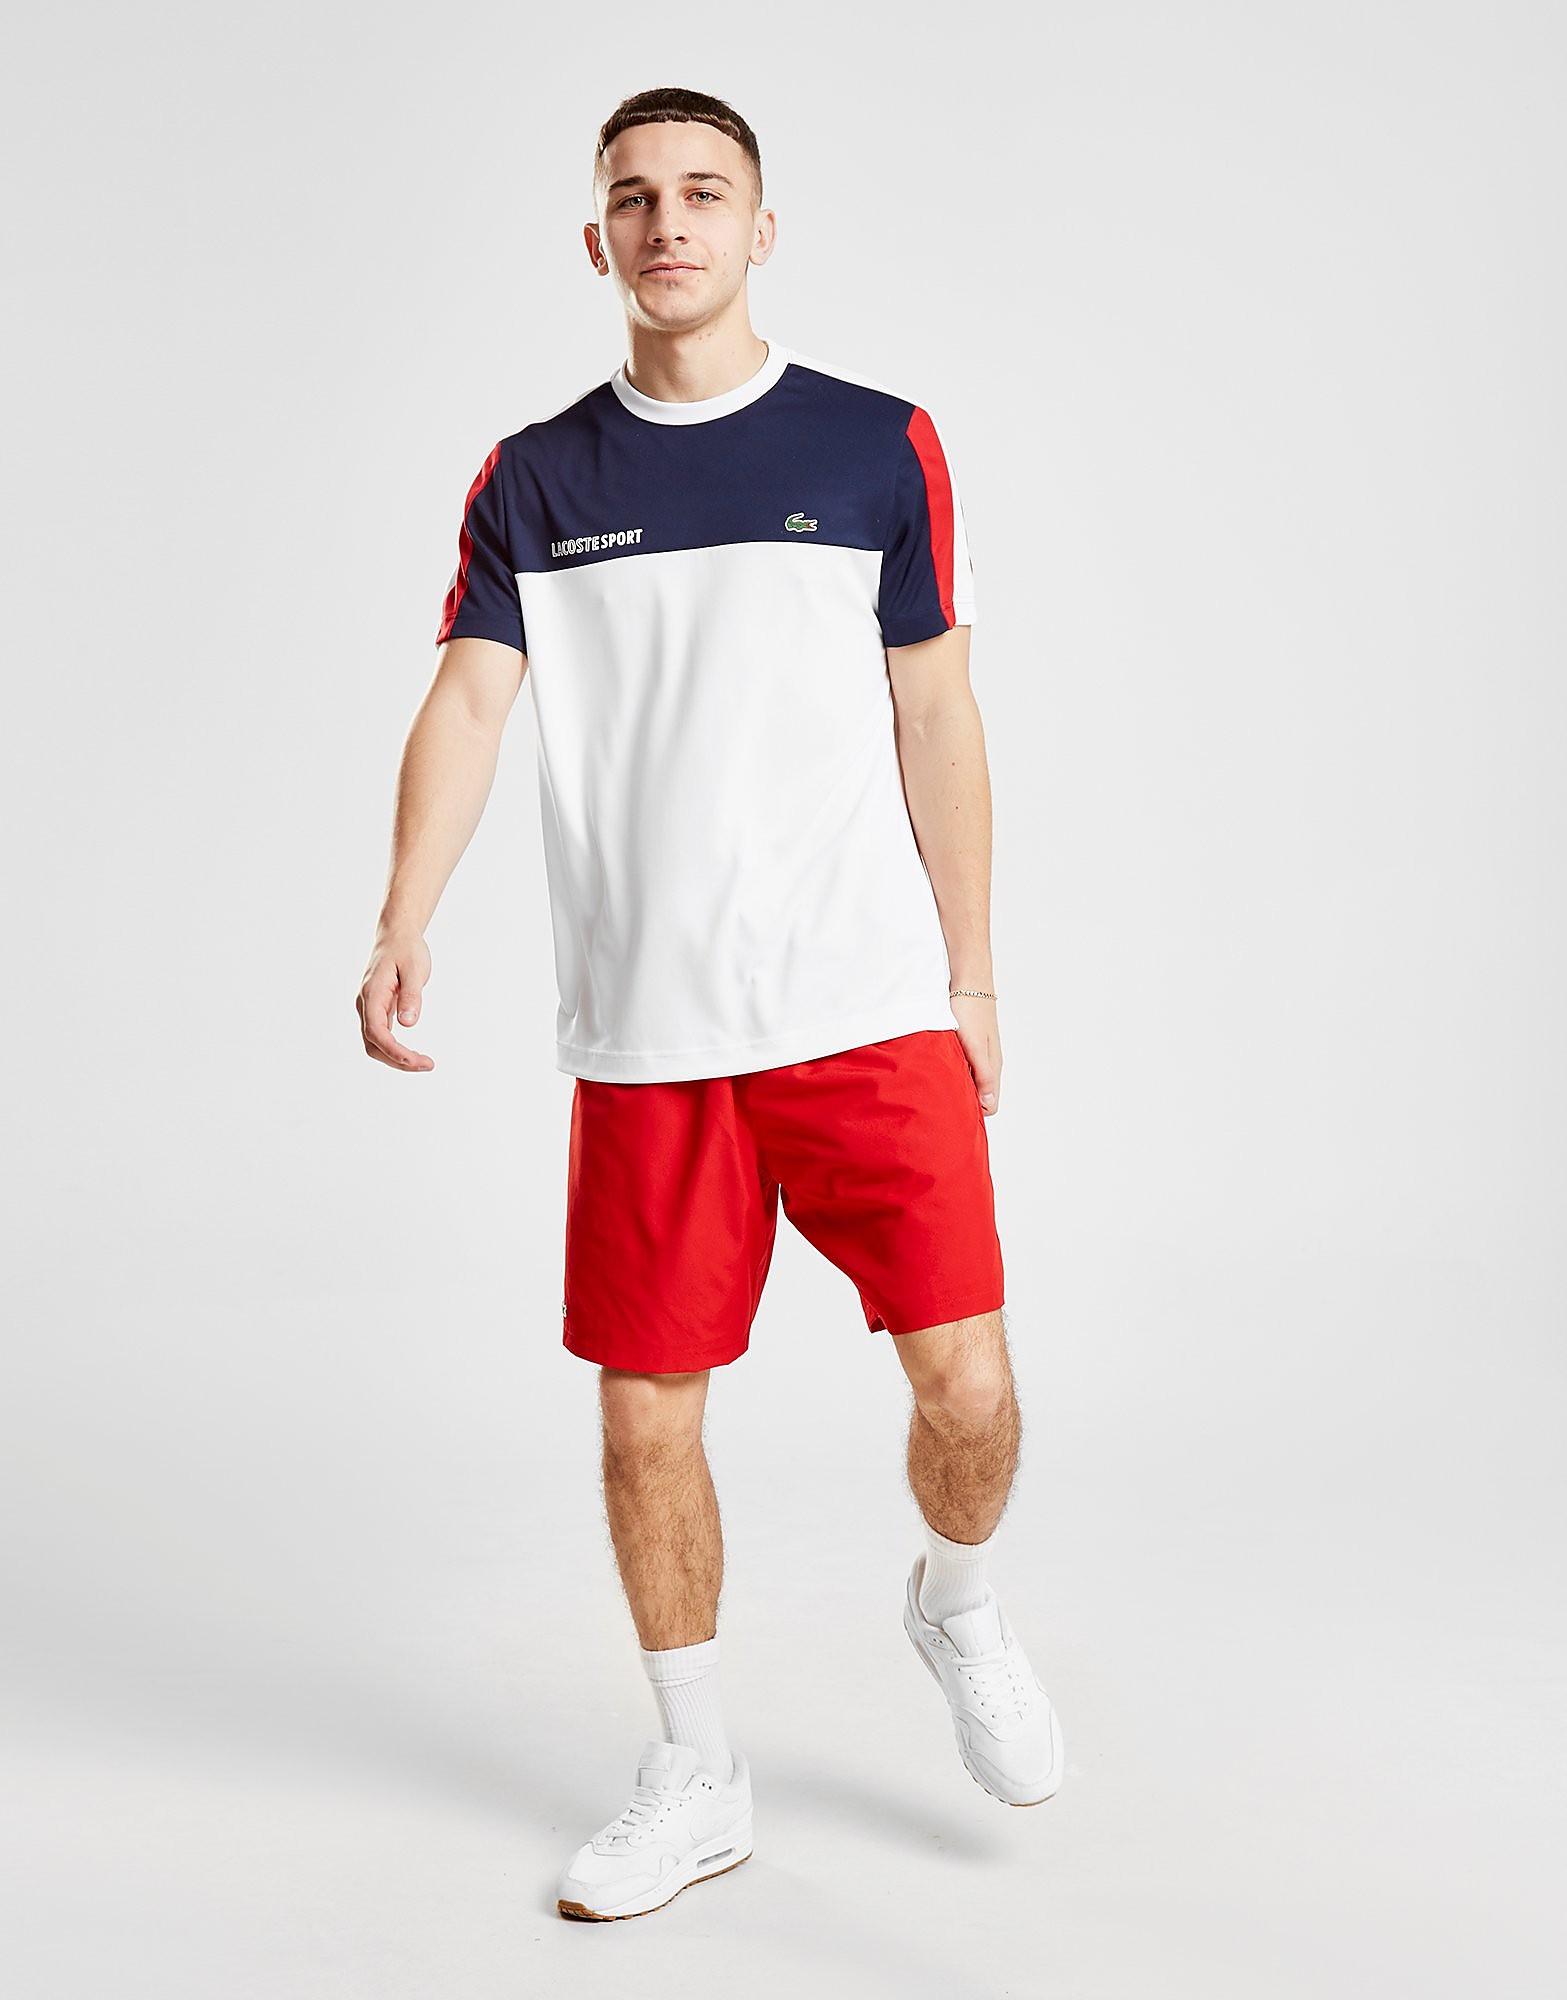 Lacoste Footing Shorts Heren - Rood - Heren